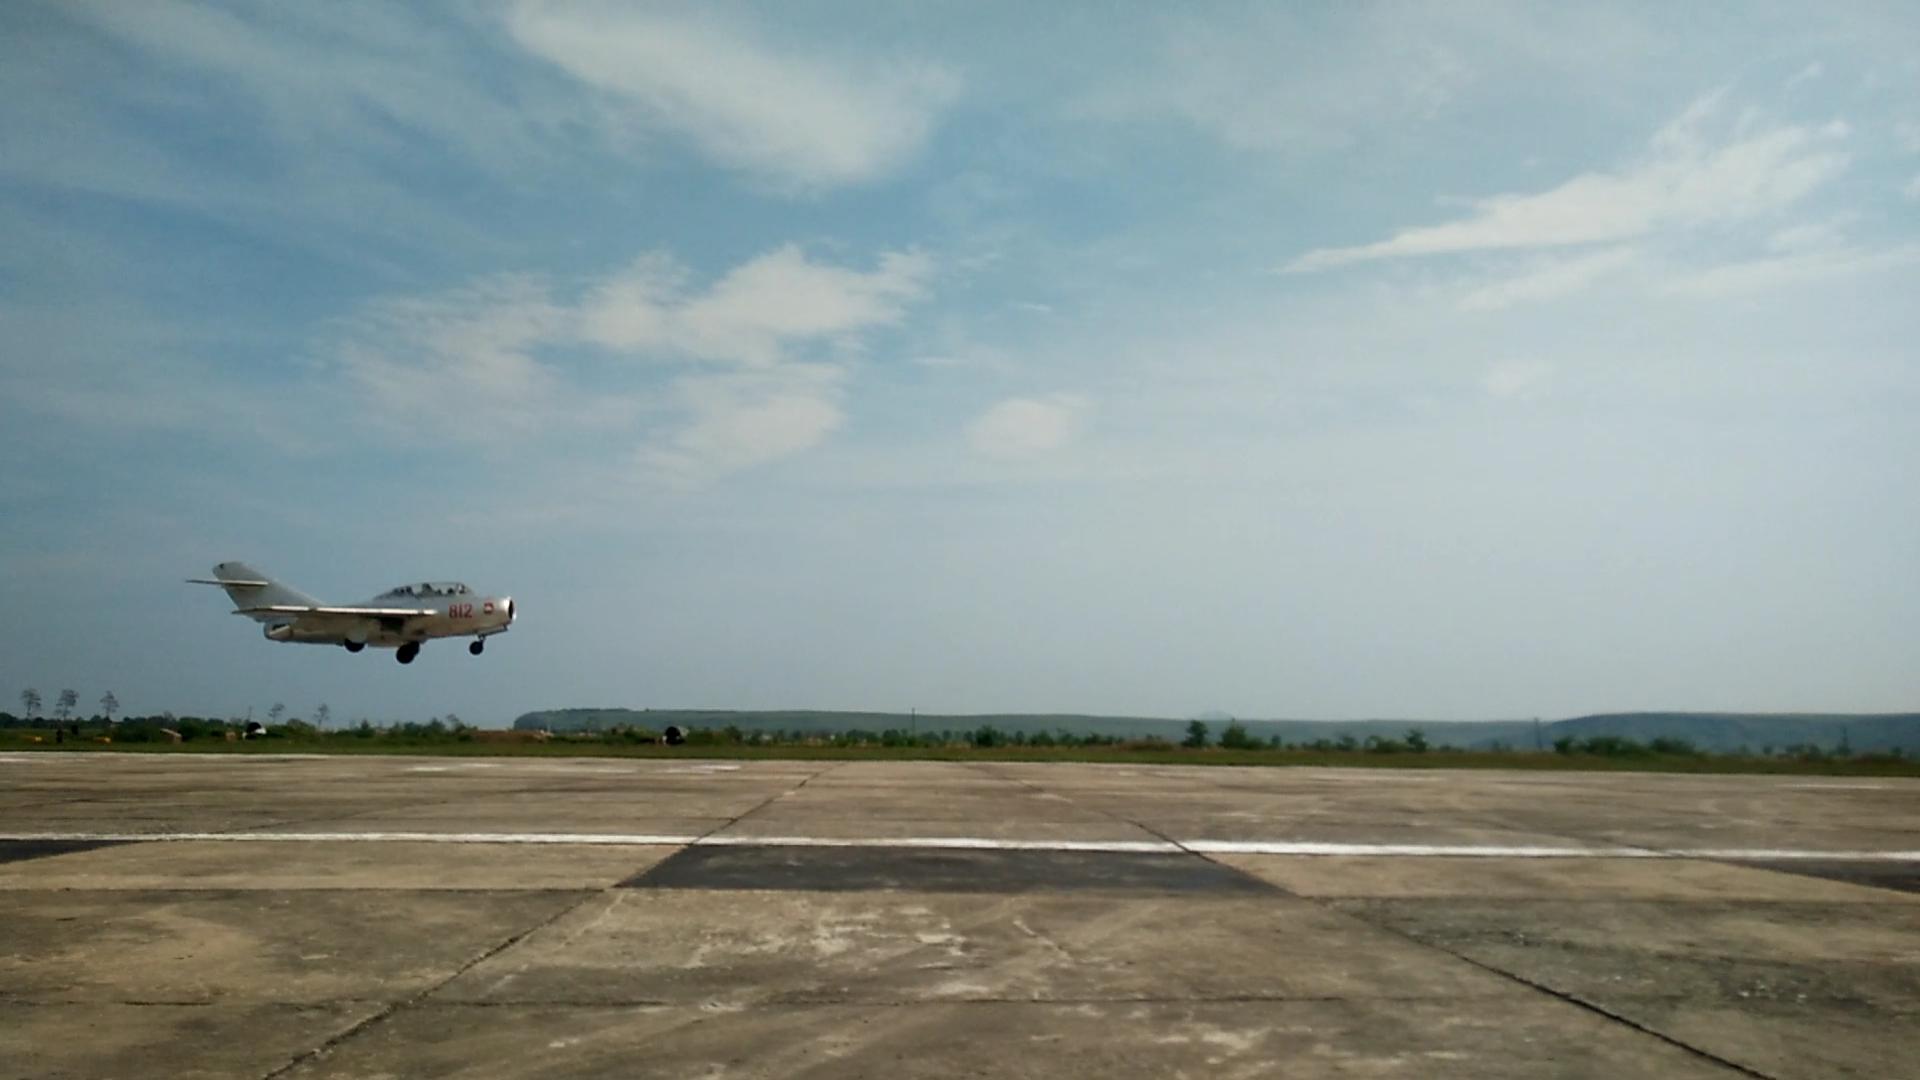 Mig's zijn klein, het type MiG 15 dathier op de plaat staat komt uit 1949.